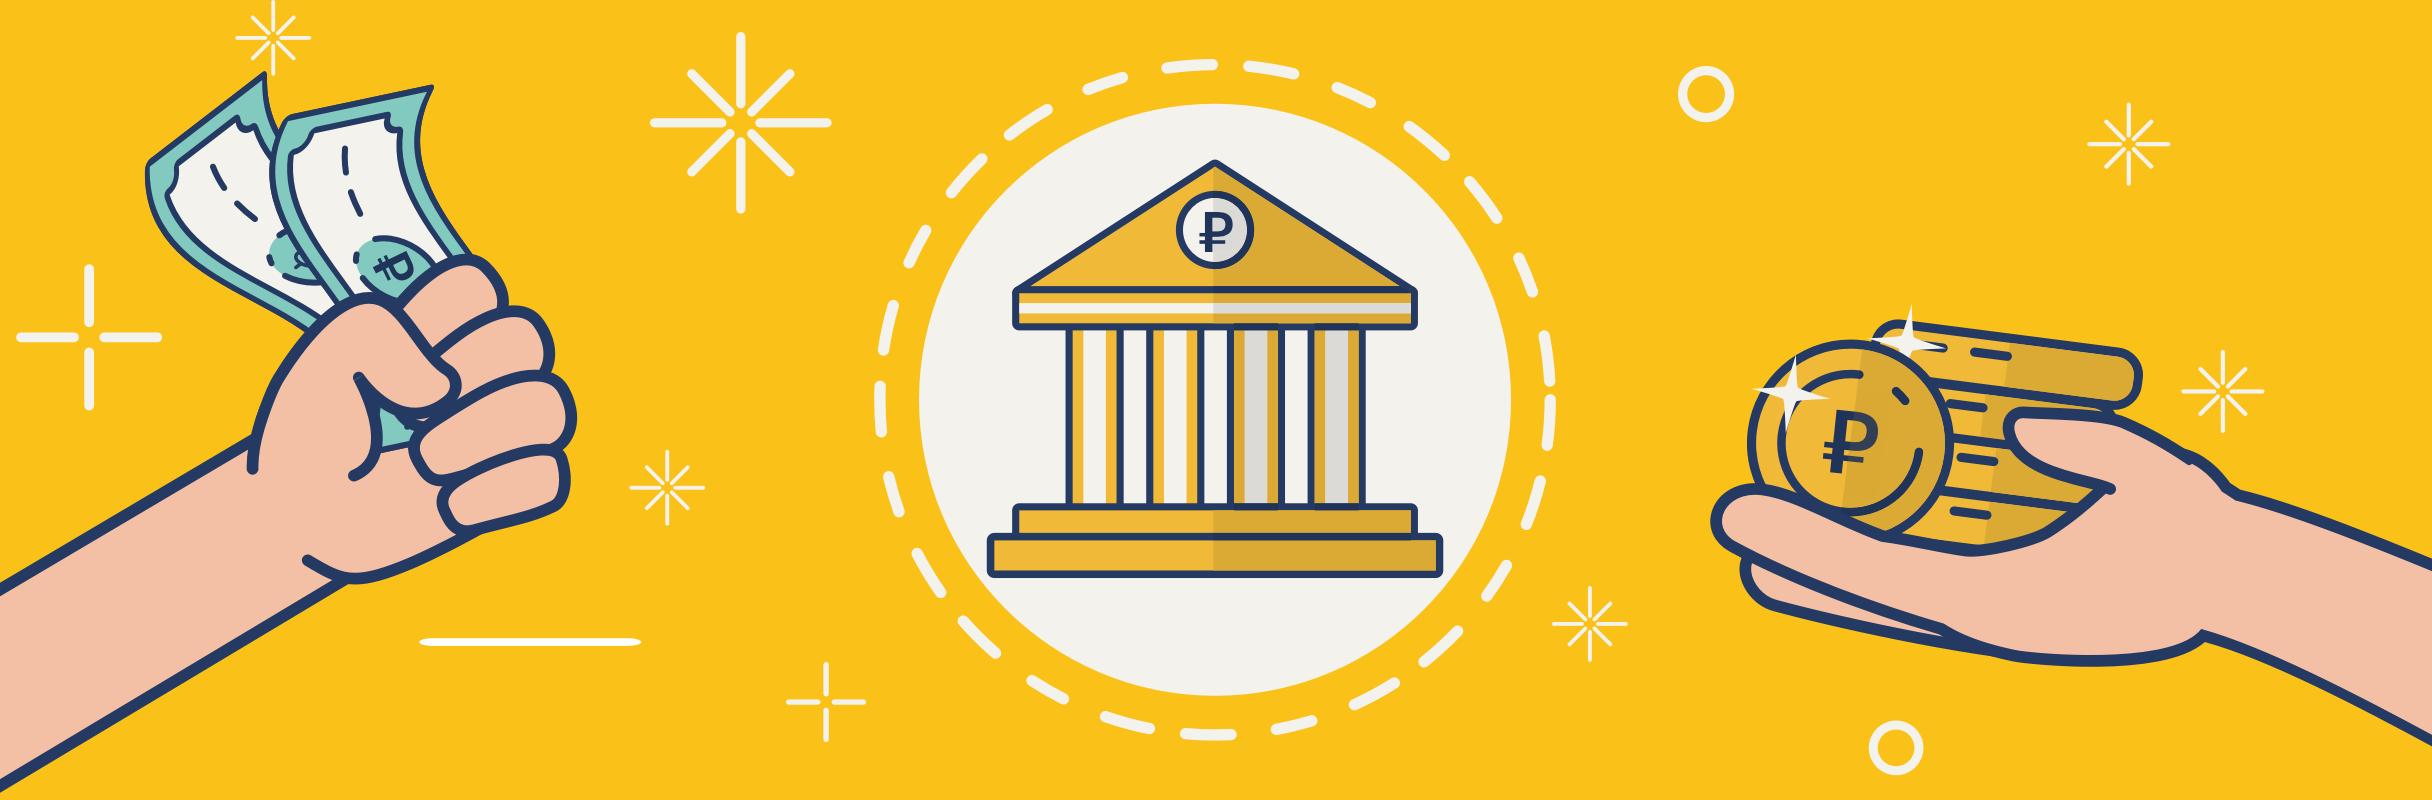 Пролонгация вклада - выгодная, удобная услуга банка, автоматическое продление срока действия договора + рекомендации для вкладчиков при оформлении договора